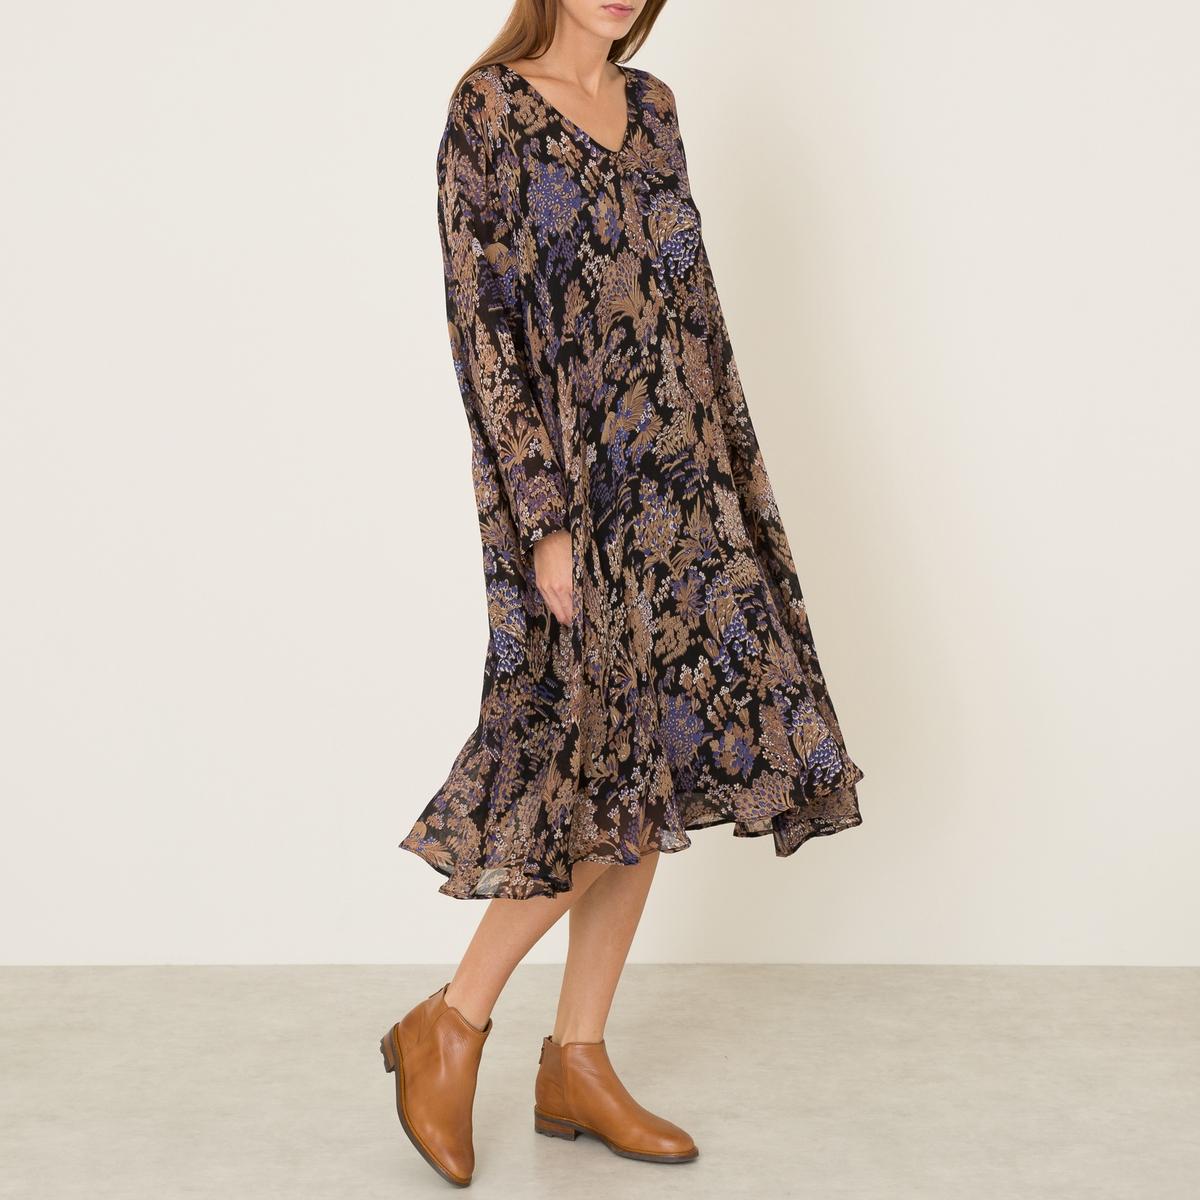 Платье длинное TOSCANEСостав и описание   Материал : 100% шелк   Длина : 118 см. (единый размер)   Марка : MES DEMOISELLES<br><br>Цвет: черный